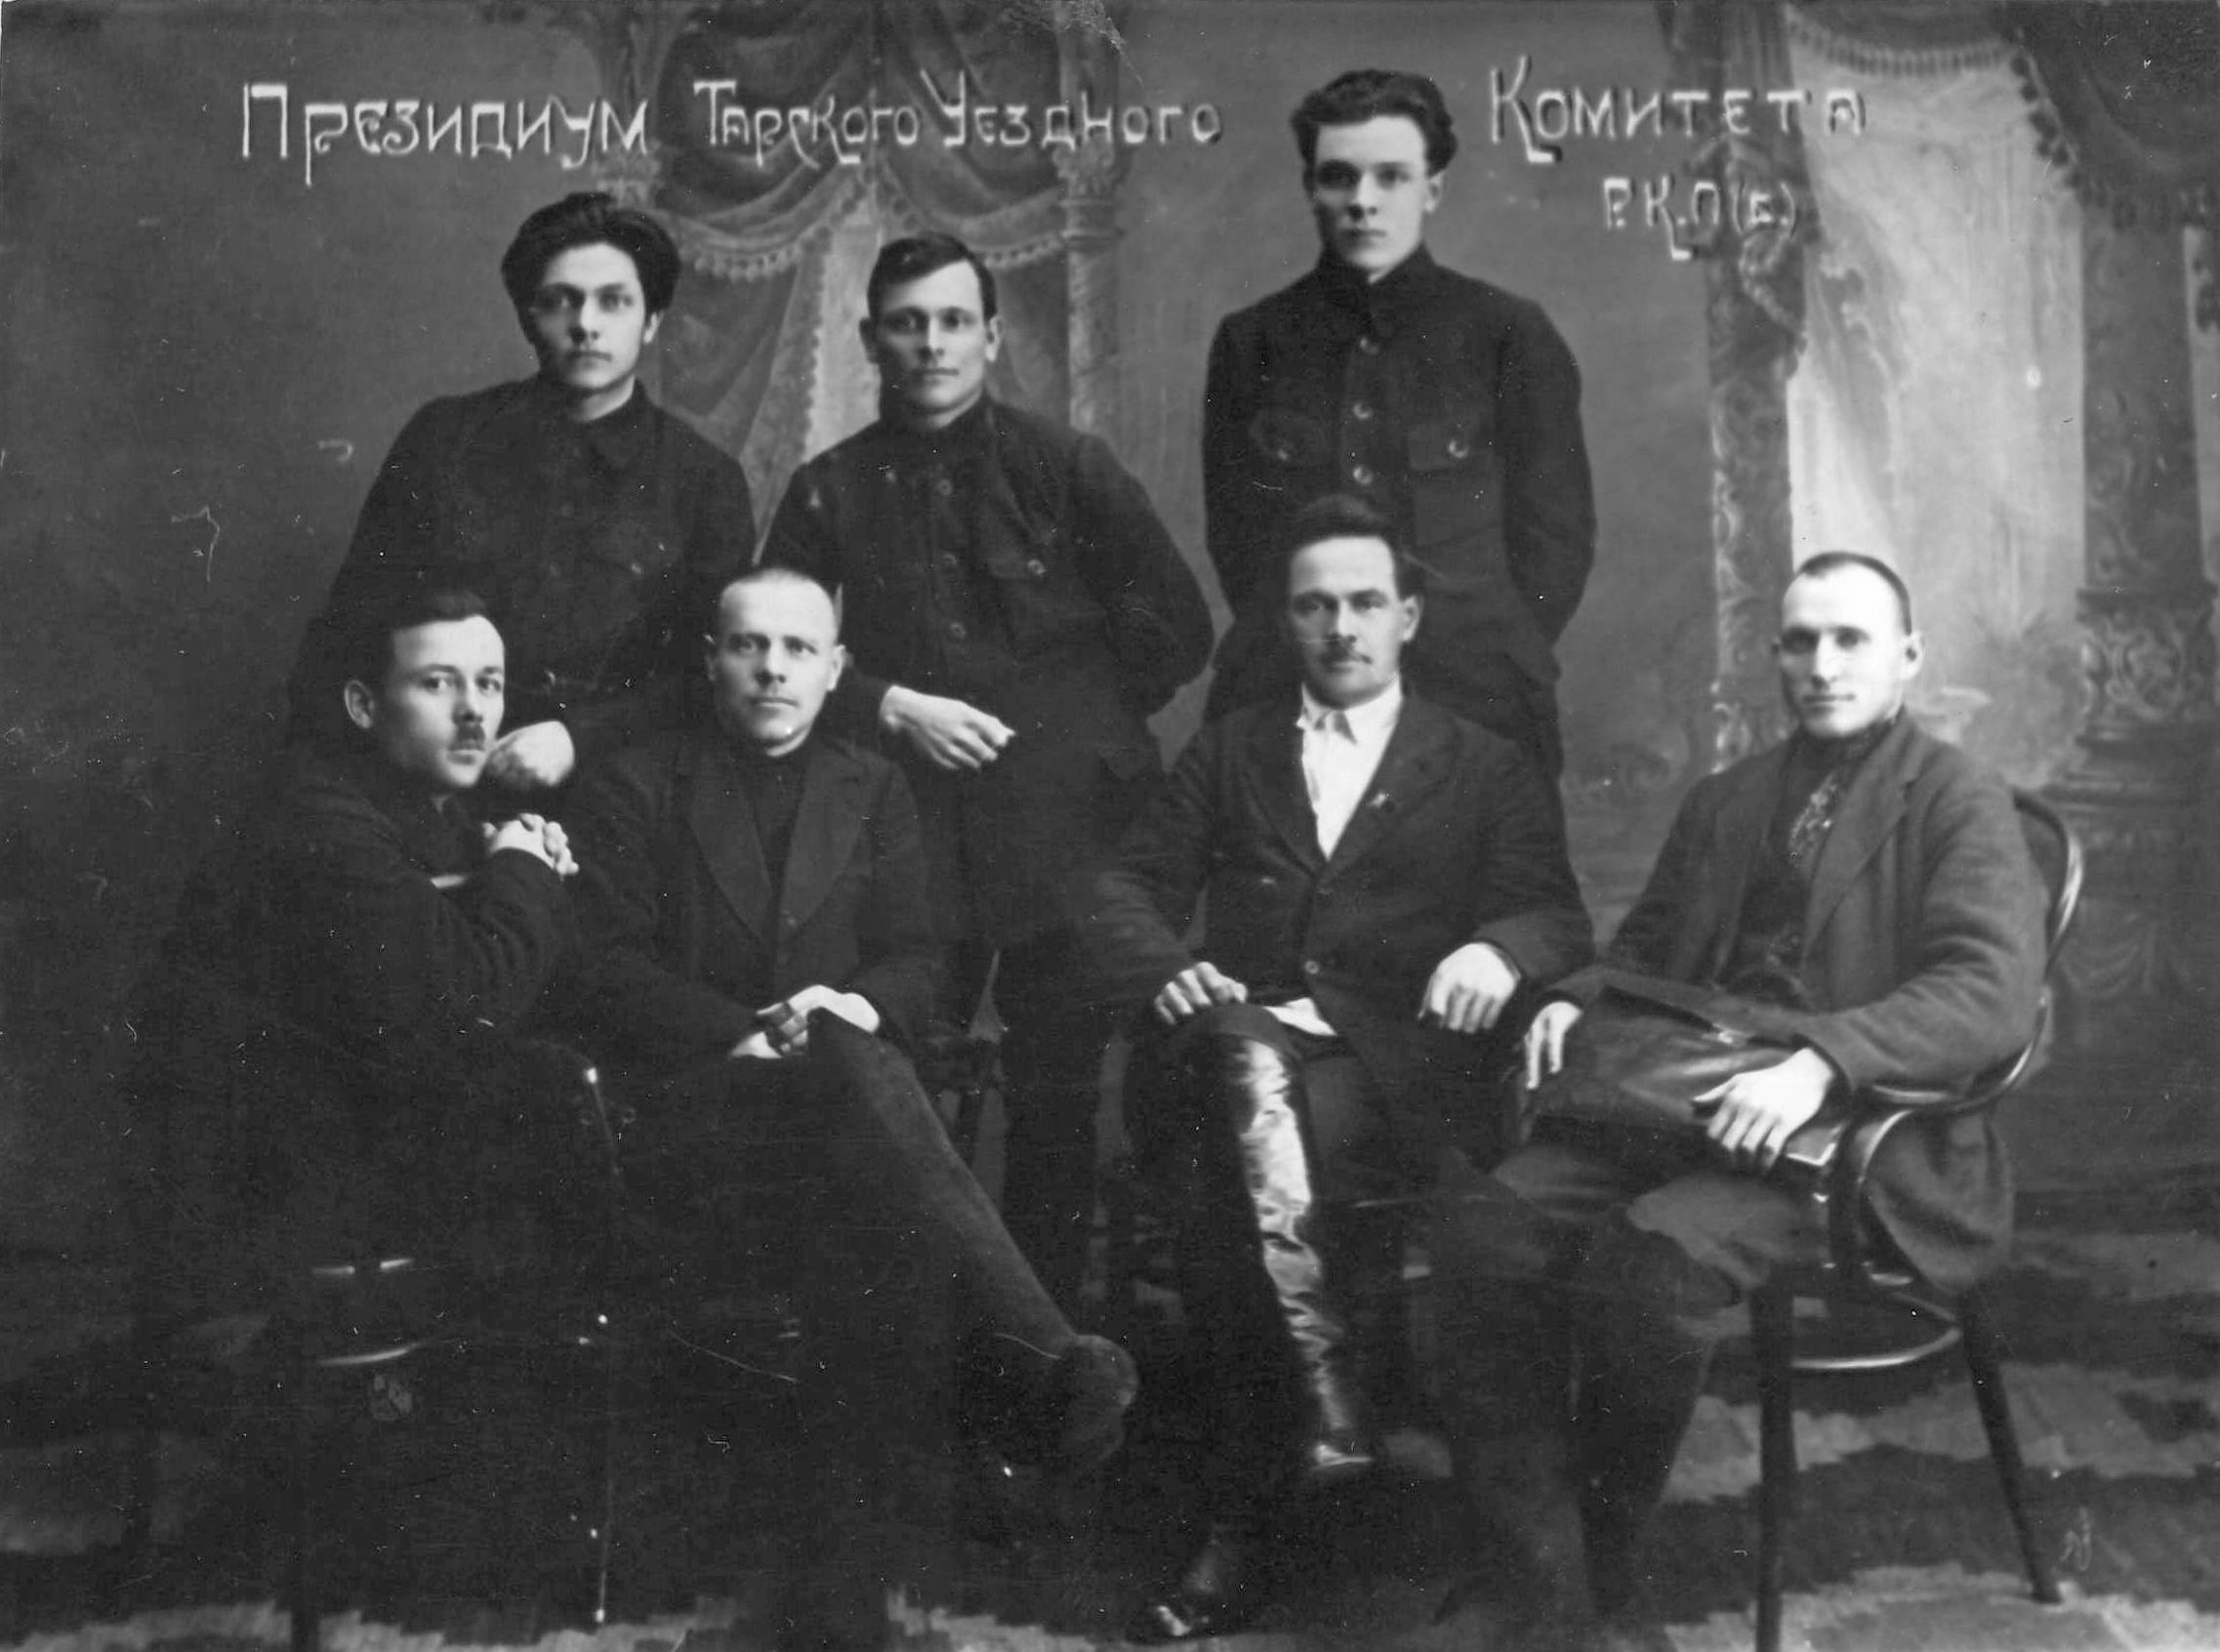 1925. Президиум Тарского Уездного Комитета ВКП(б)